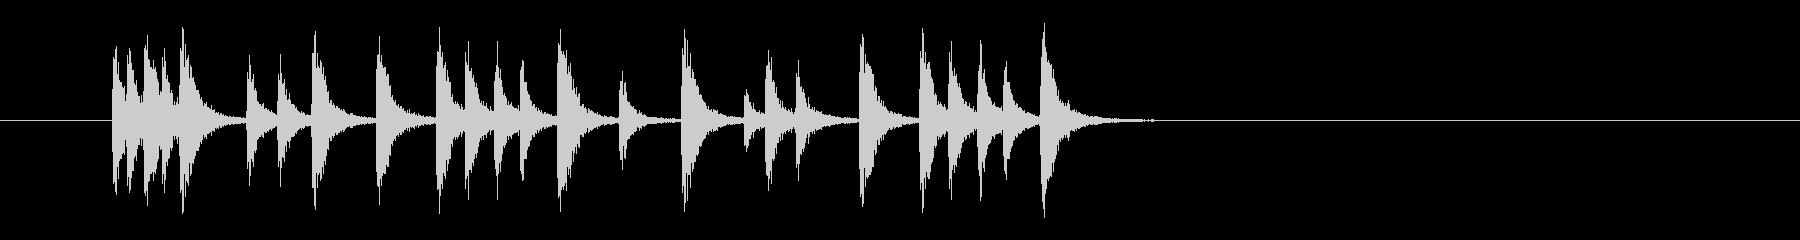 ドラム、スネアドラム、マーチアクセ...の未再生の波形